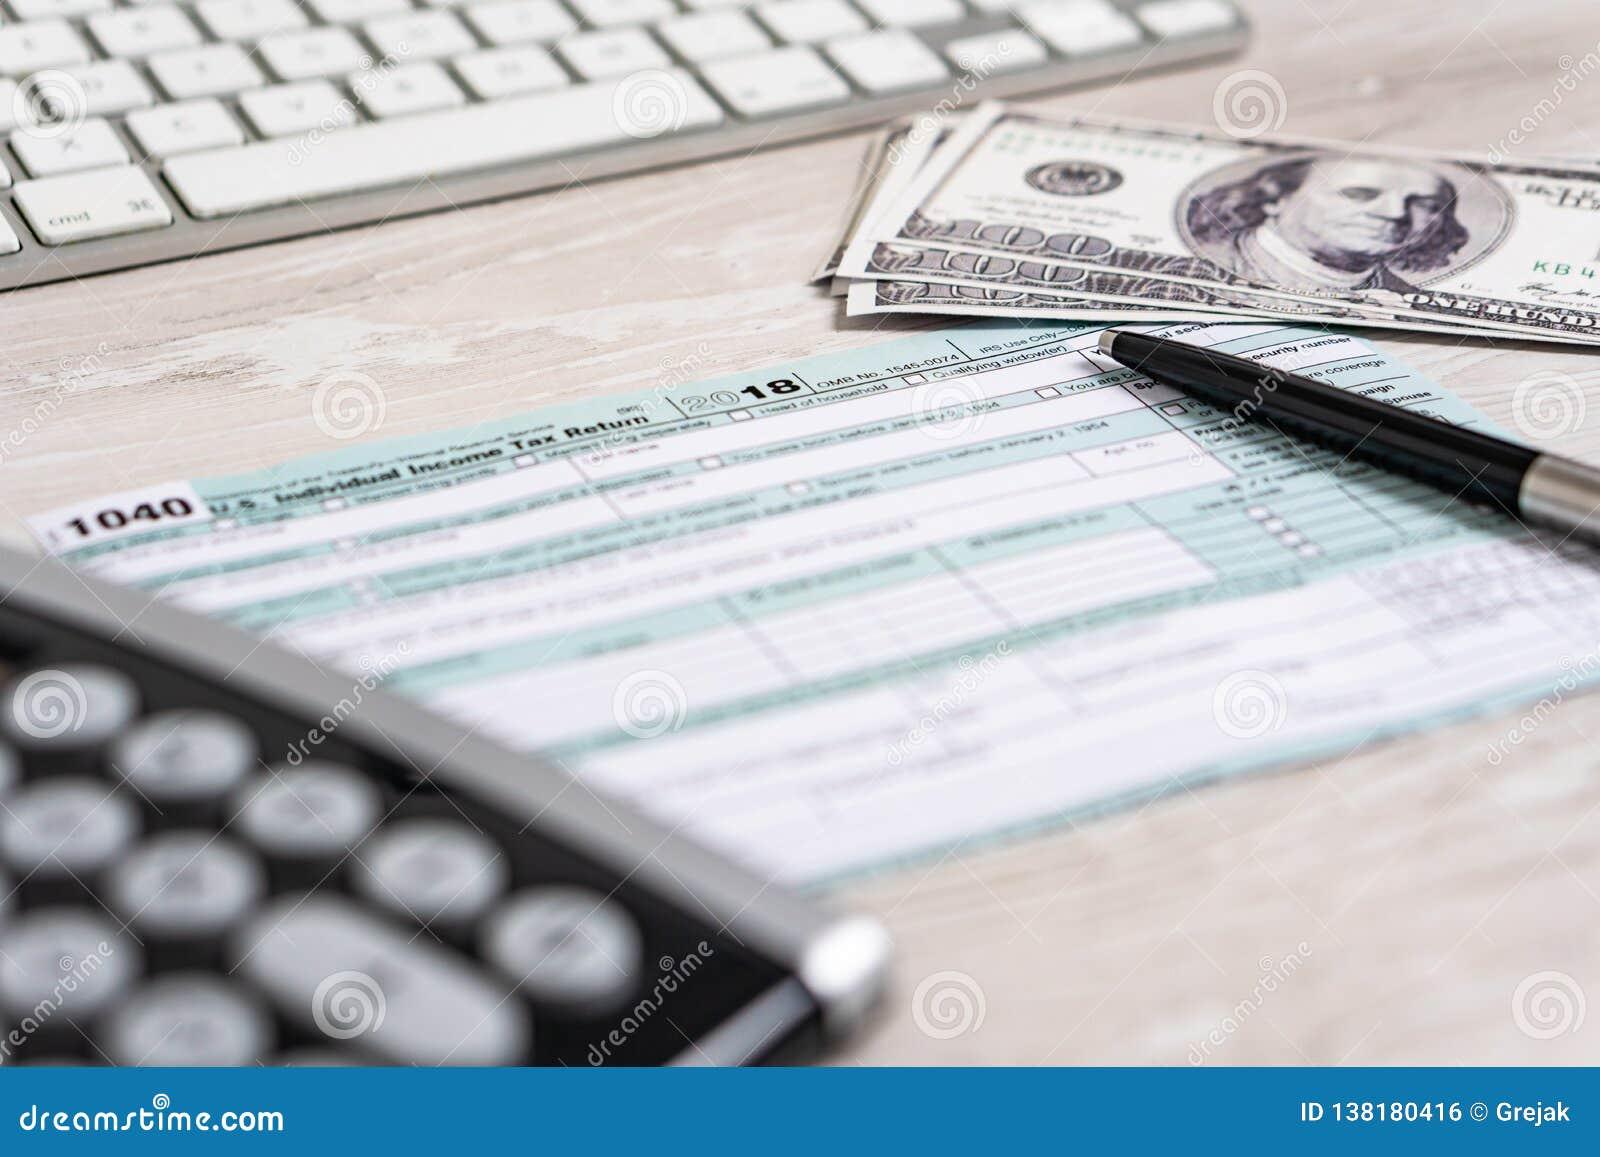 Formulário de imposto 1040 dos E.U. com pena, calculadora e notas de dólar conceito branco do negócio do documento EUA da lei do